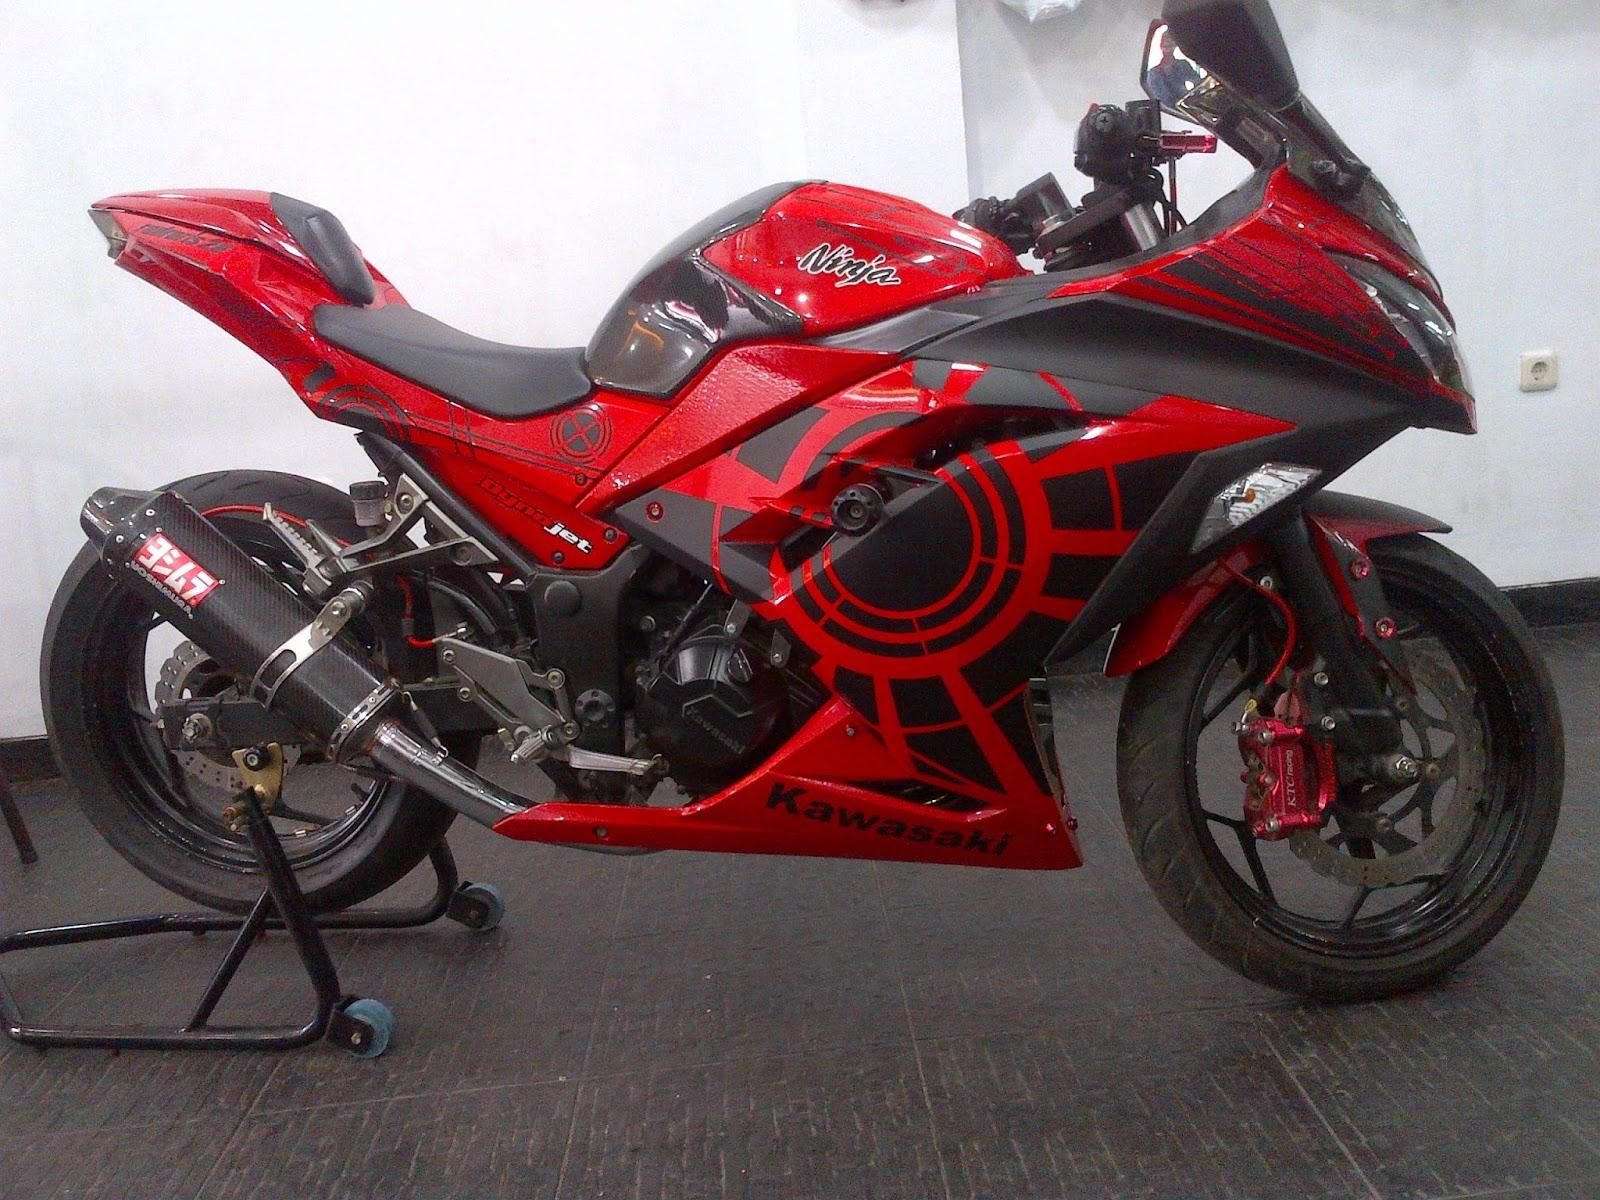 Foto Modifikasi Motor Ninja 250 Merah Terbaru 2015